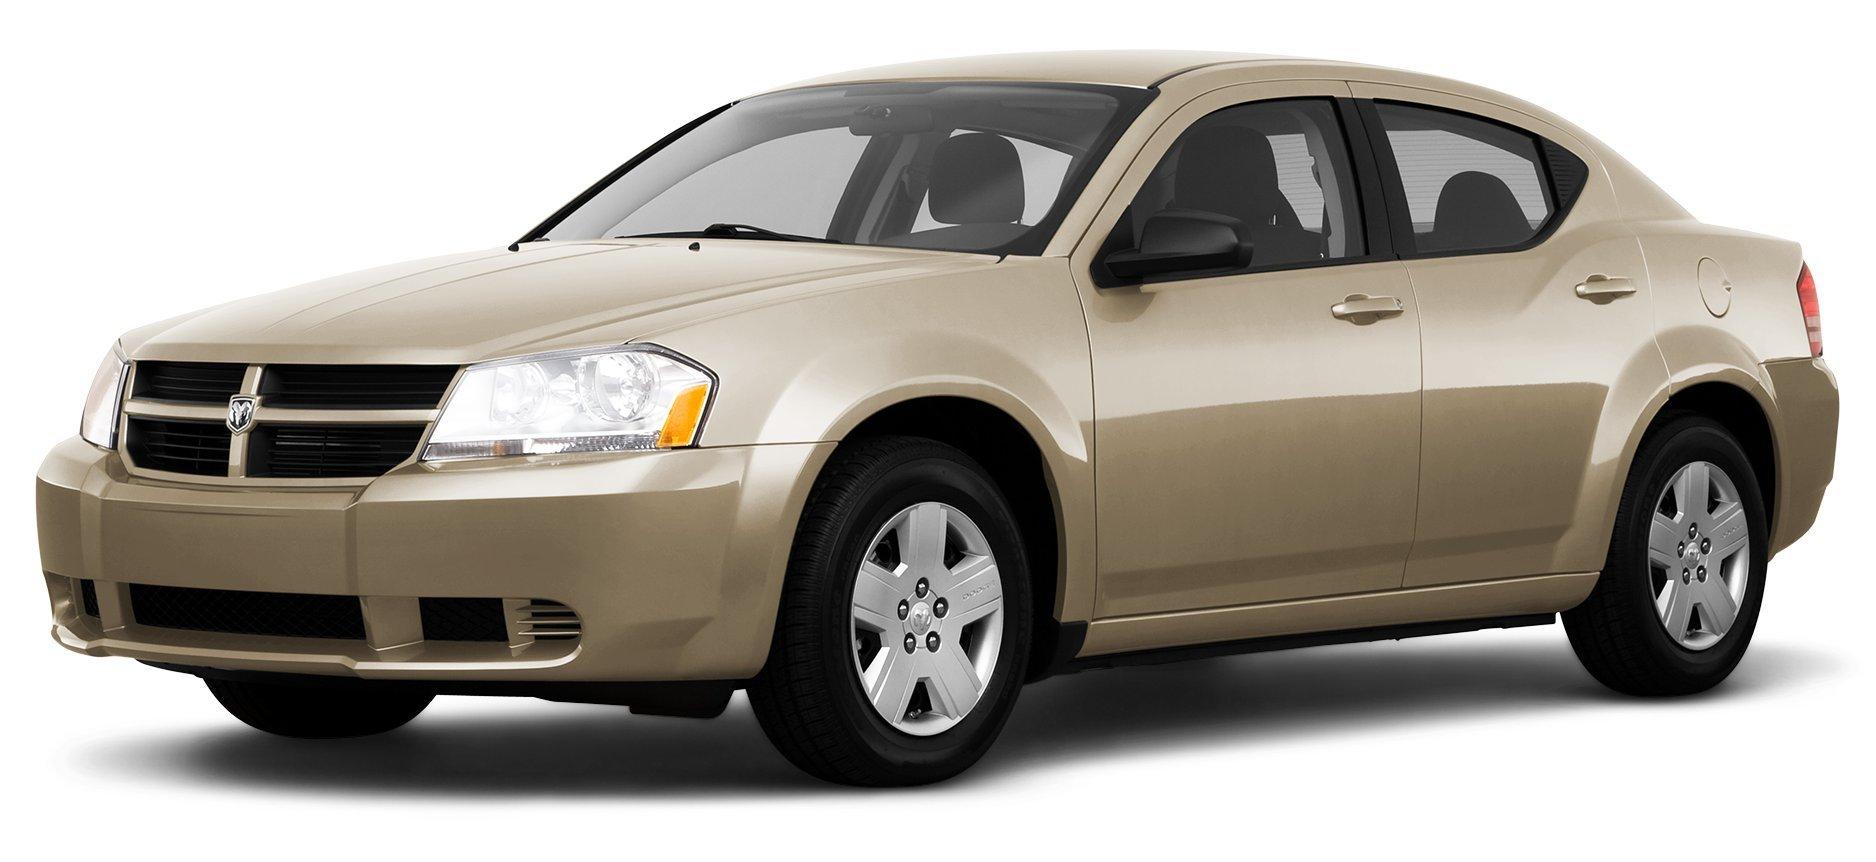 Dodge Avenger: Driving on slippery surfaces